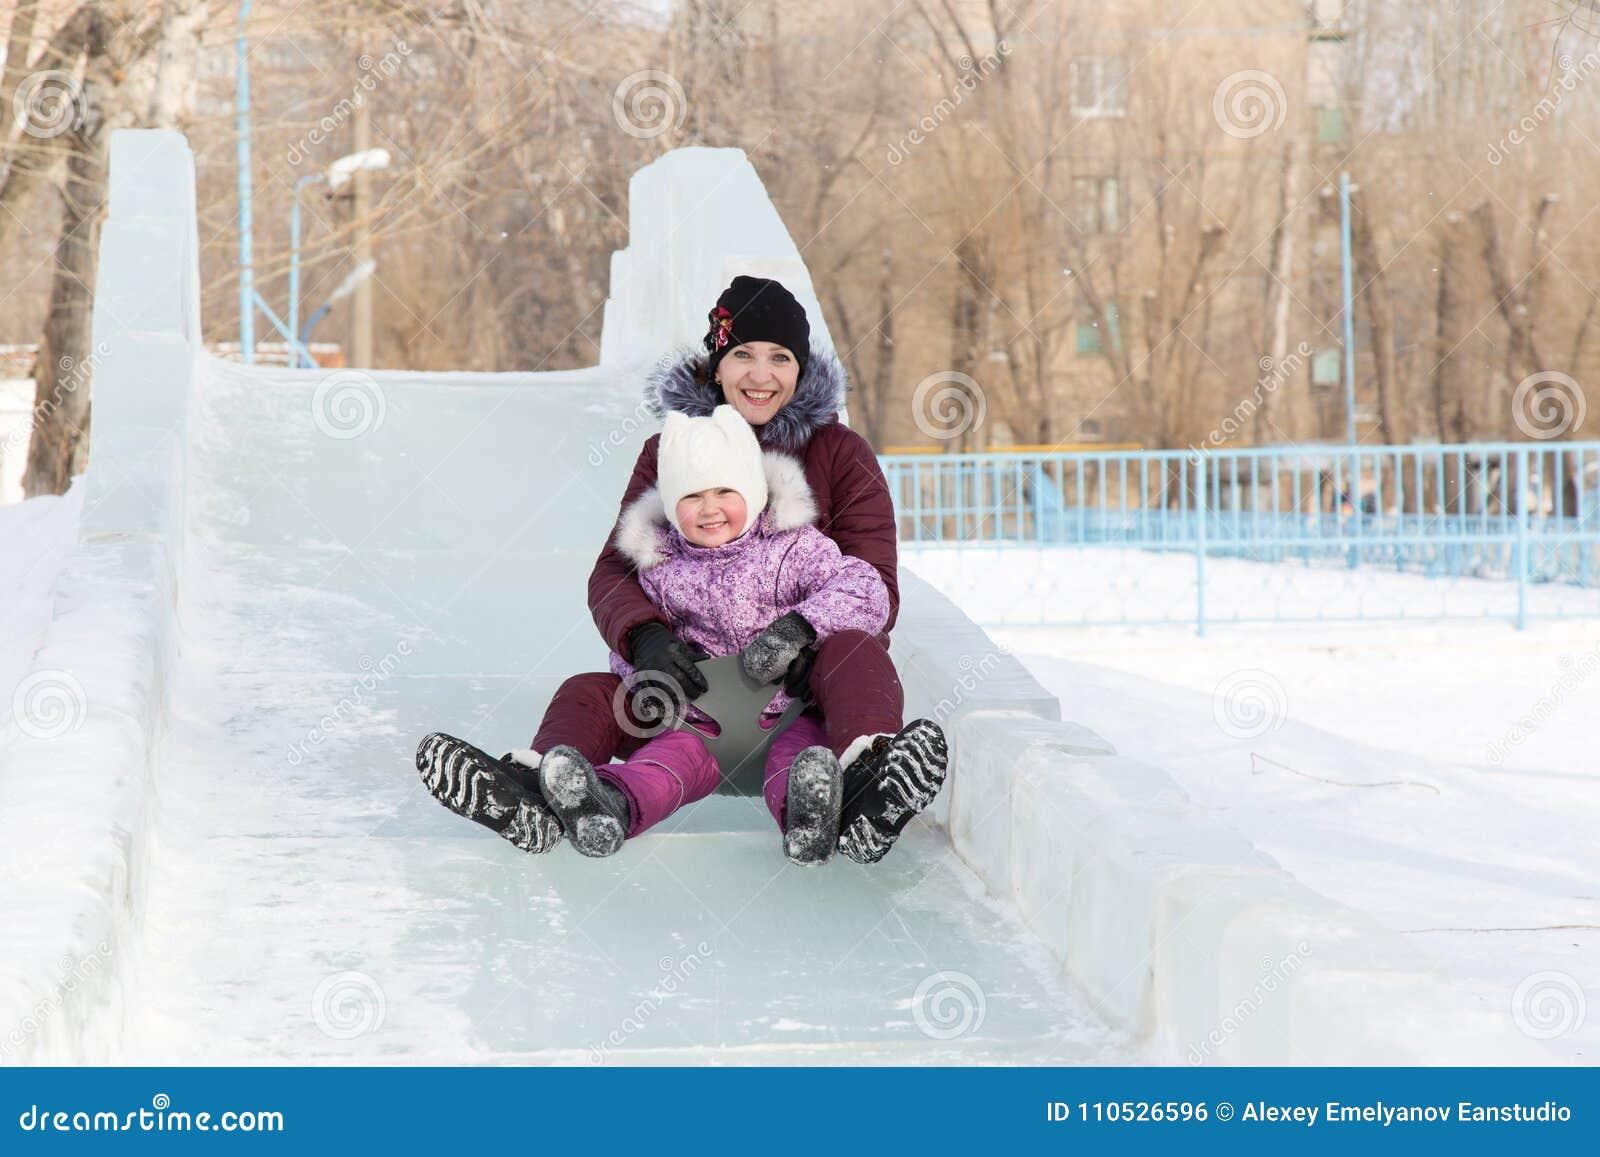 Мама и дочь едут от снежной горы